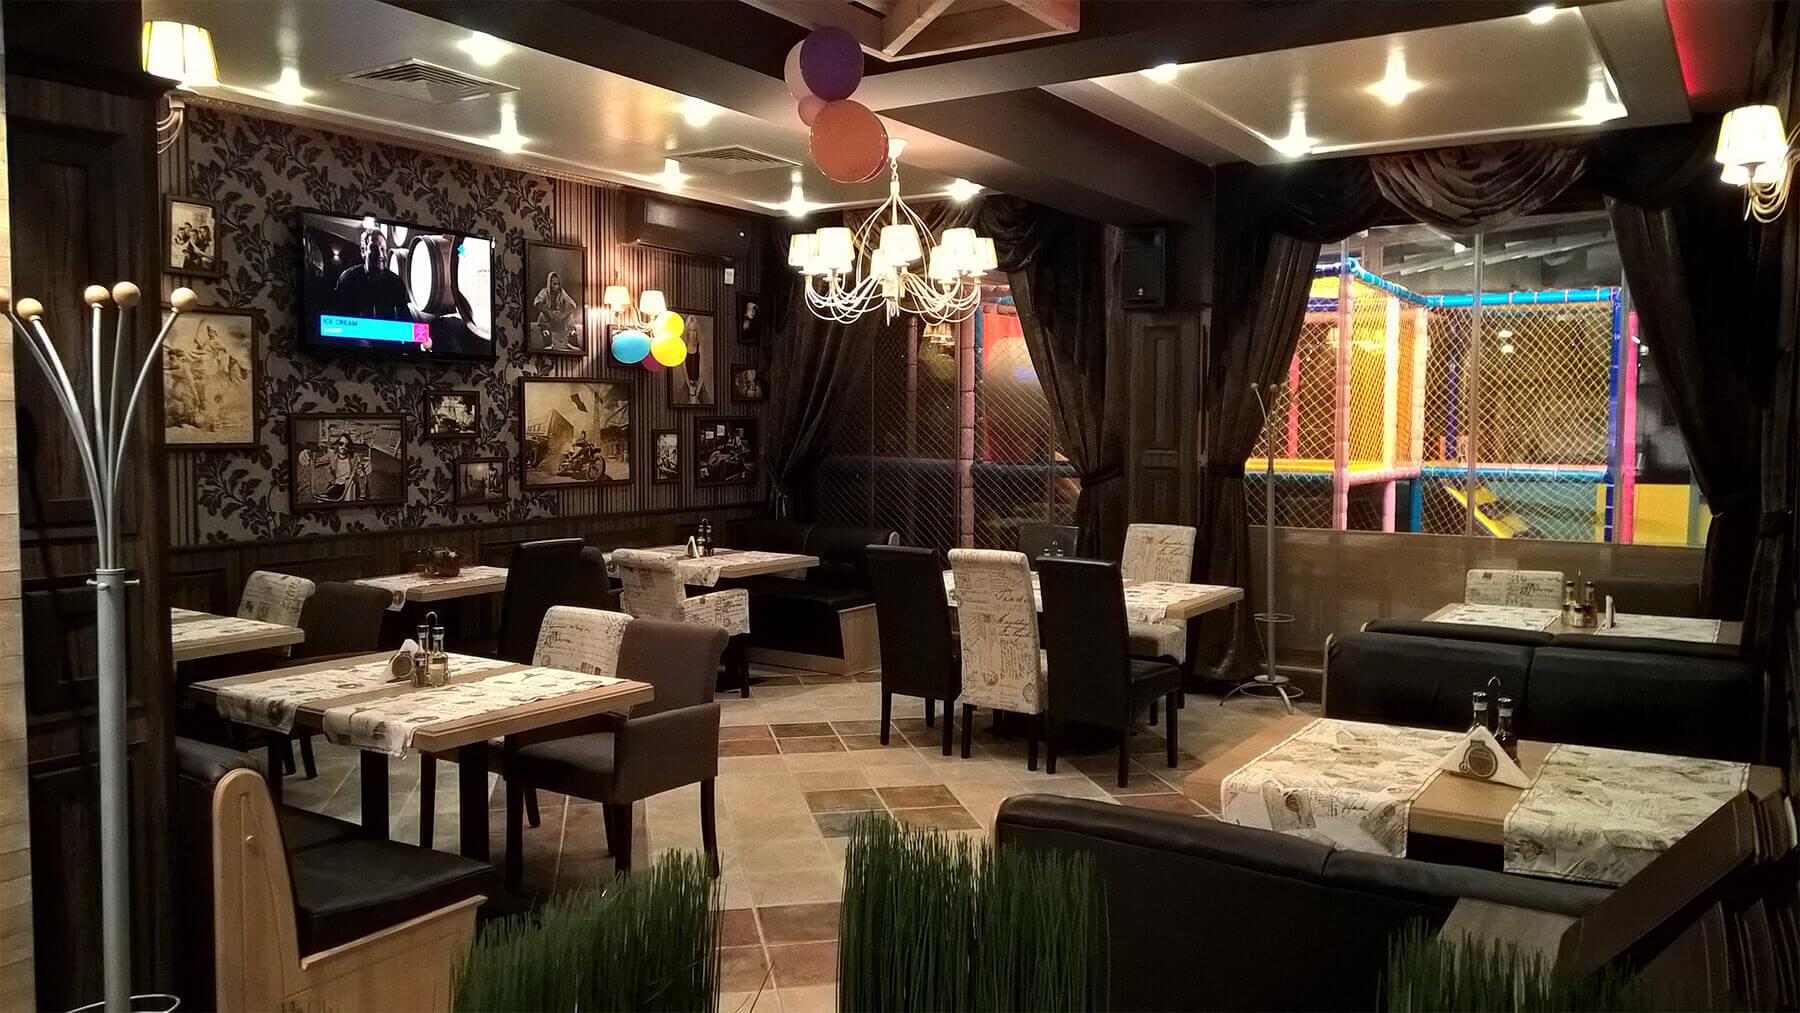 Pizza Bar Capris - Resurant Interior 3